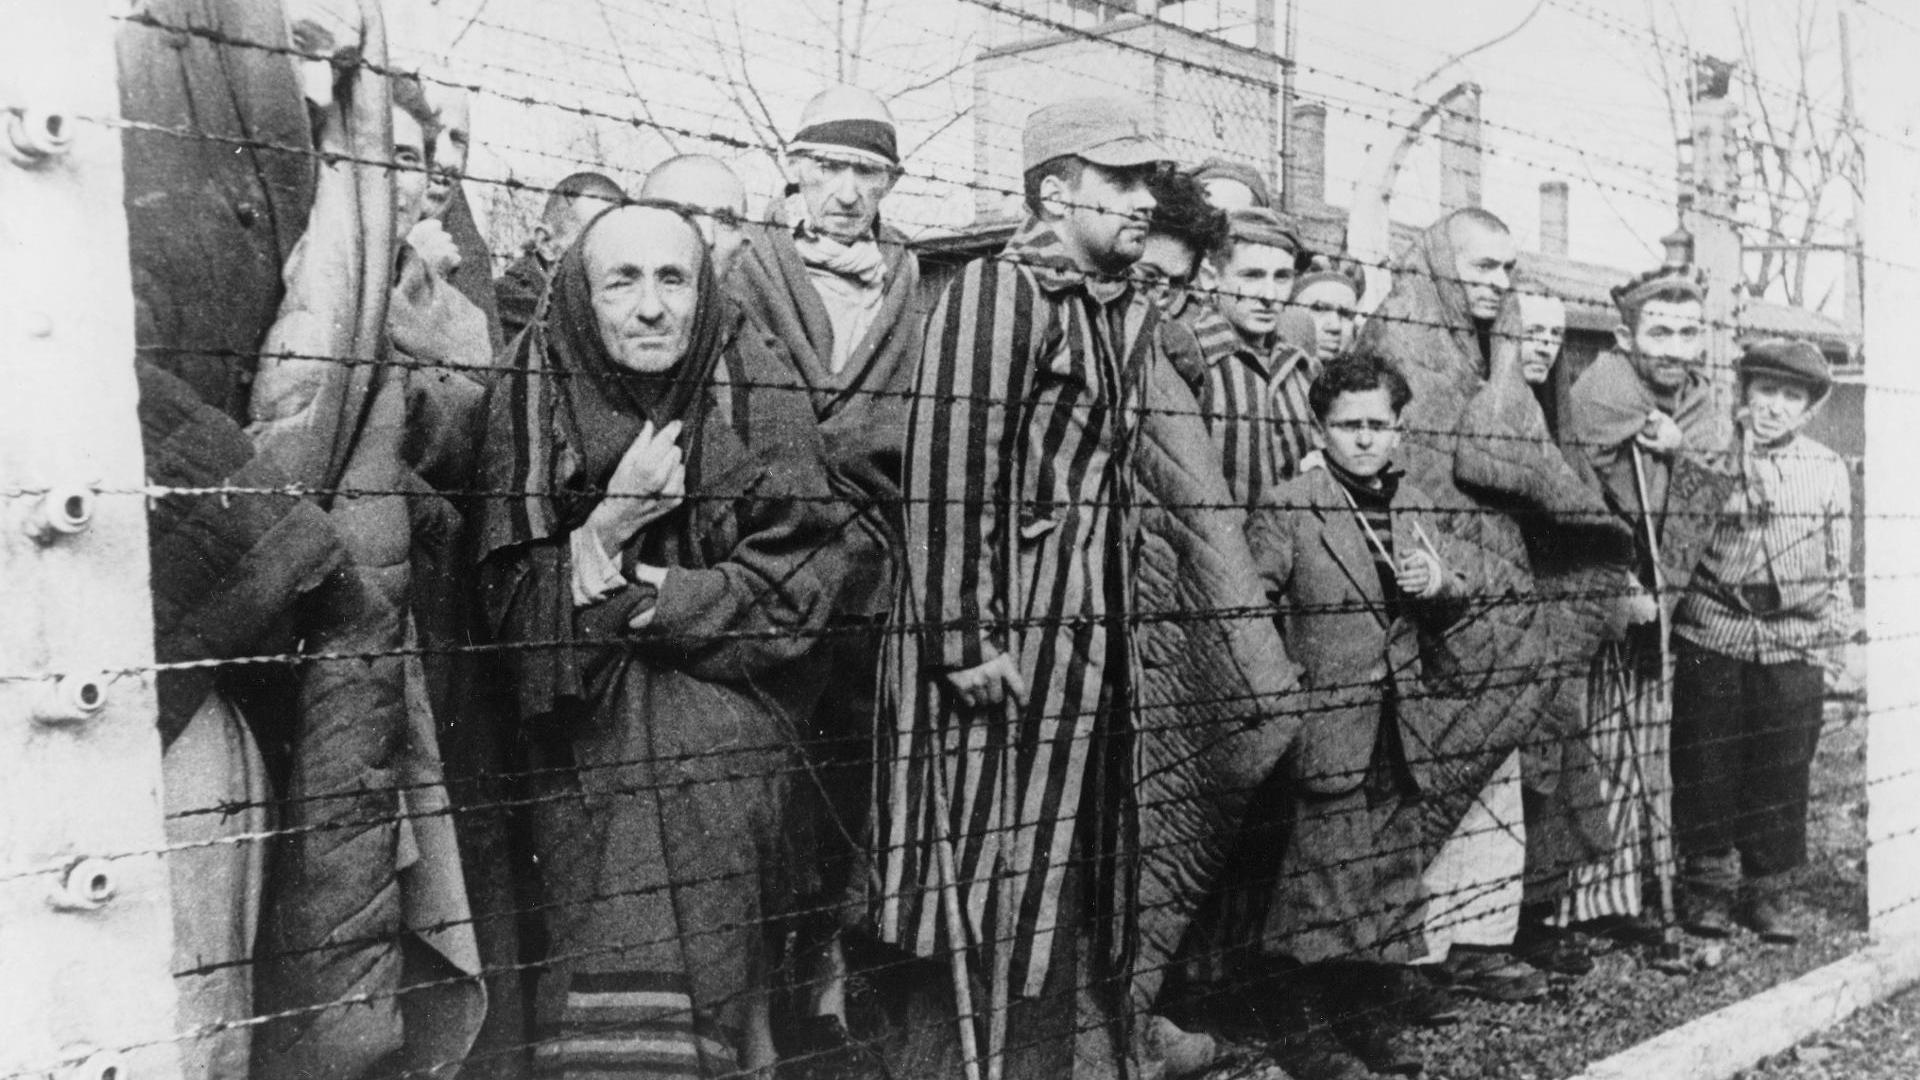 24 Mayıs 1943 - Auschwitz toplama kampında ölüm meleği adıyla anılan Nazi doktoru Josef Mengele göreve başladı